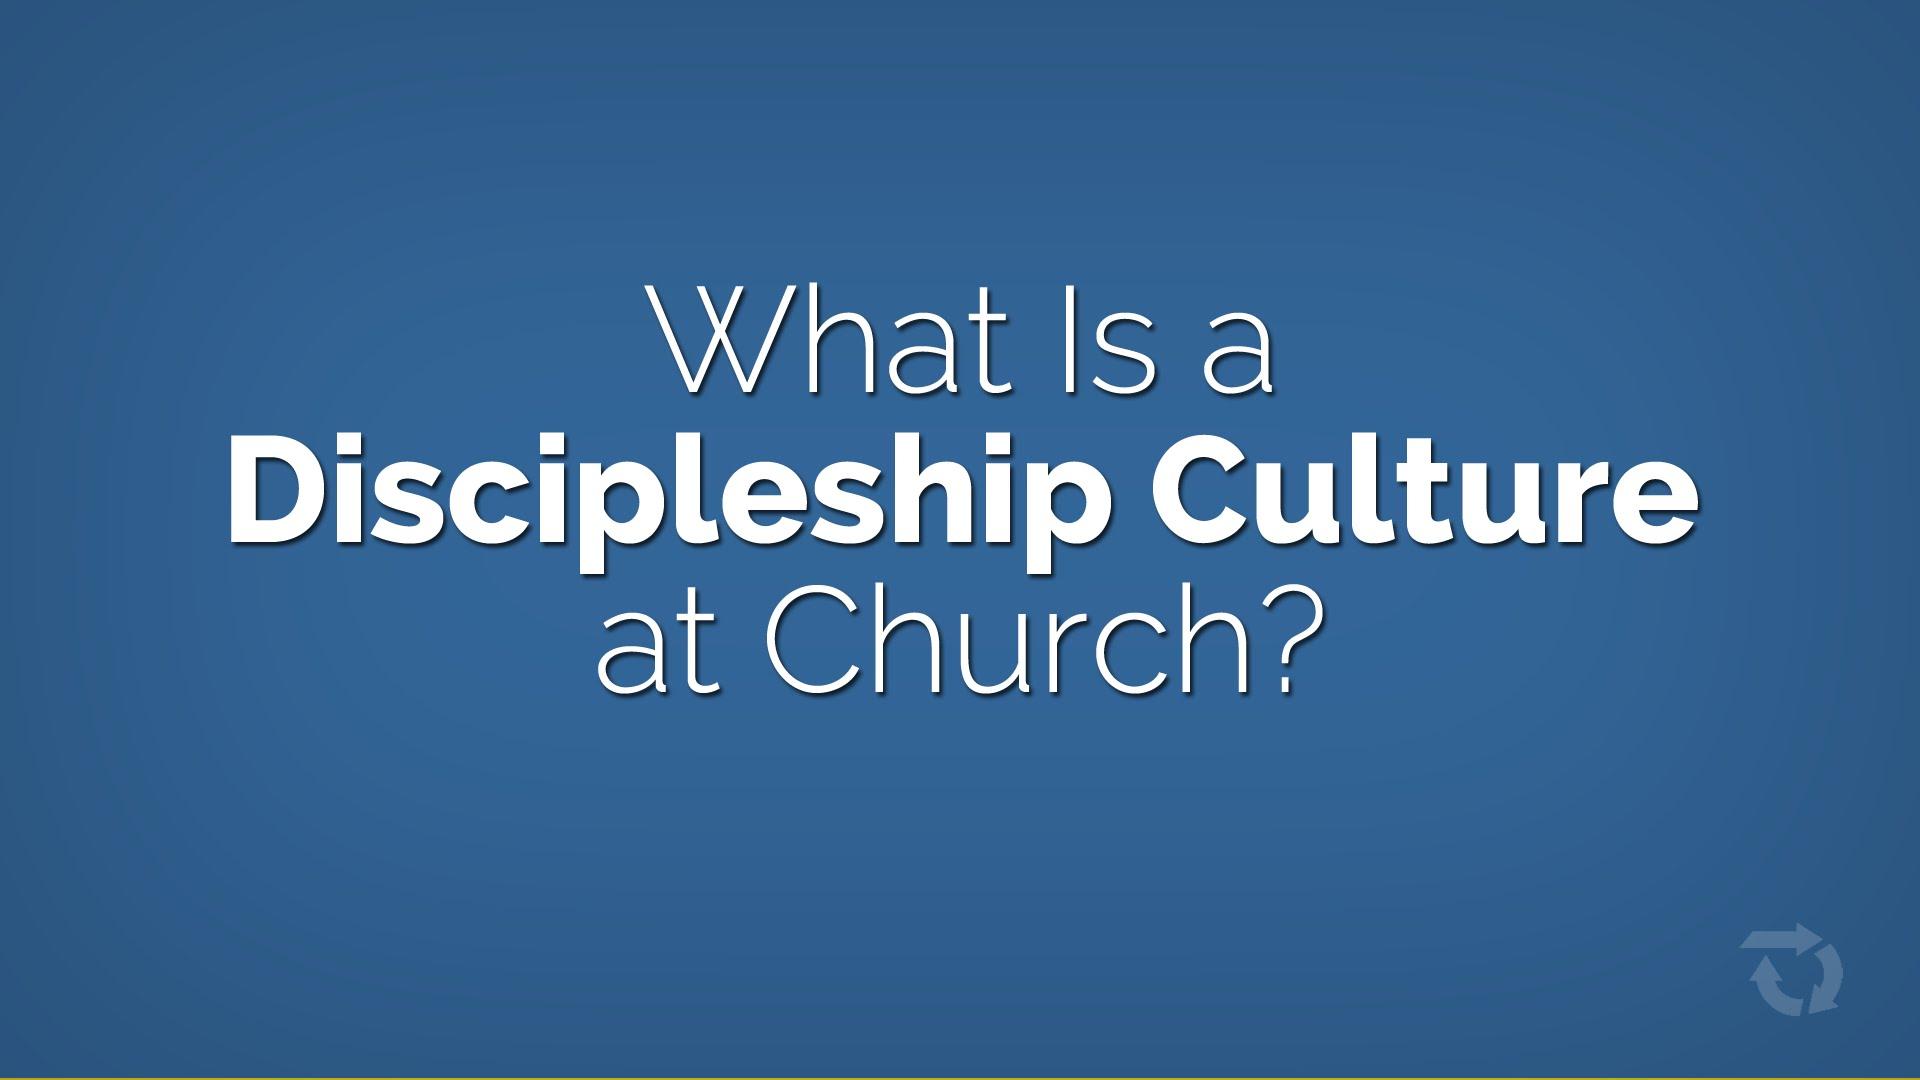 「弟子の文化」とは何か